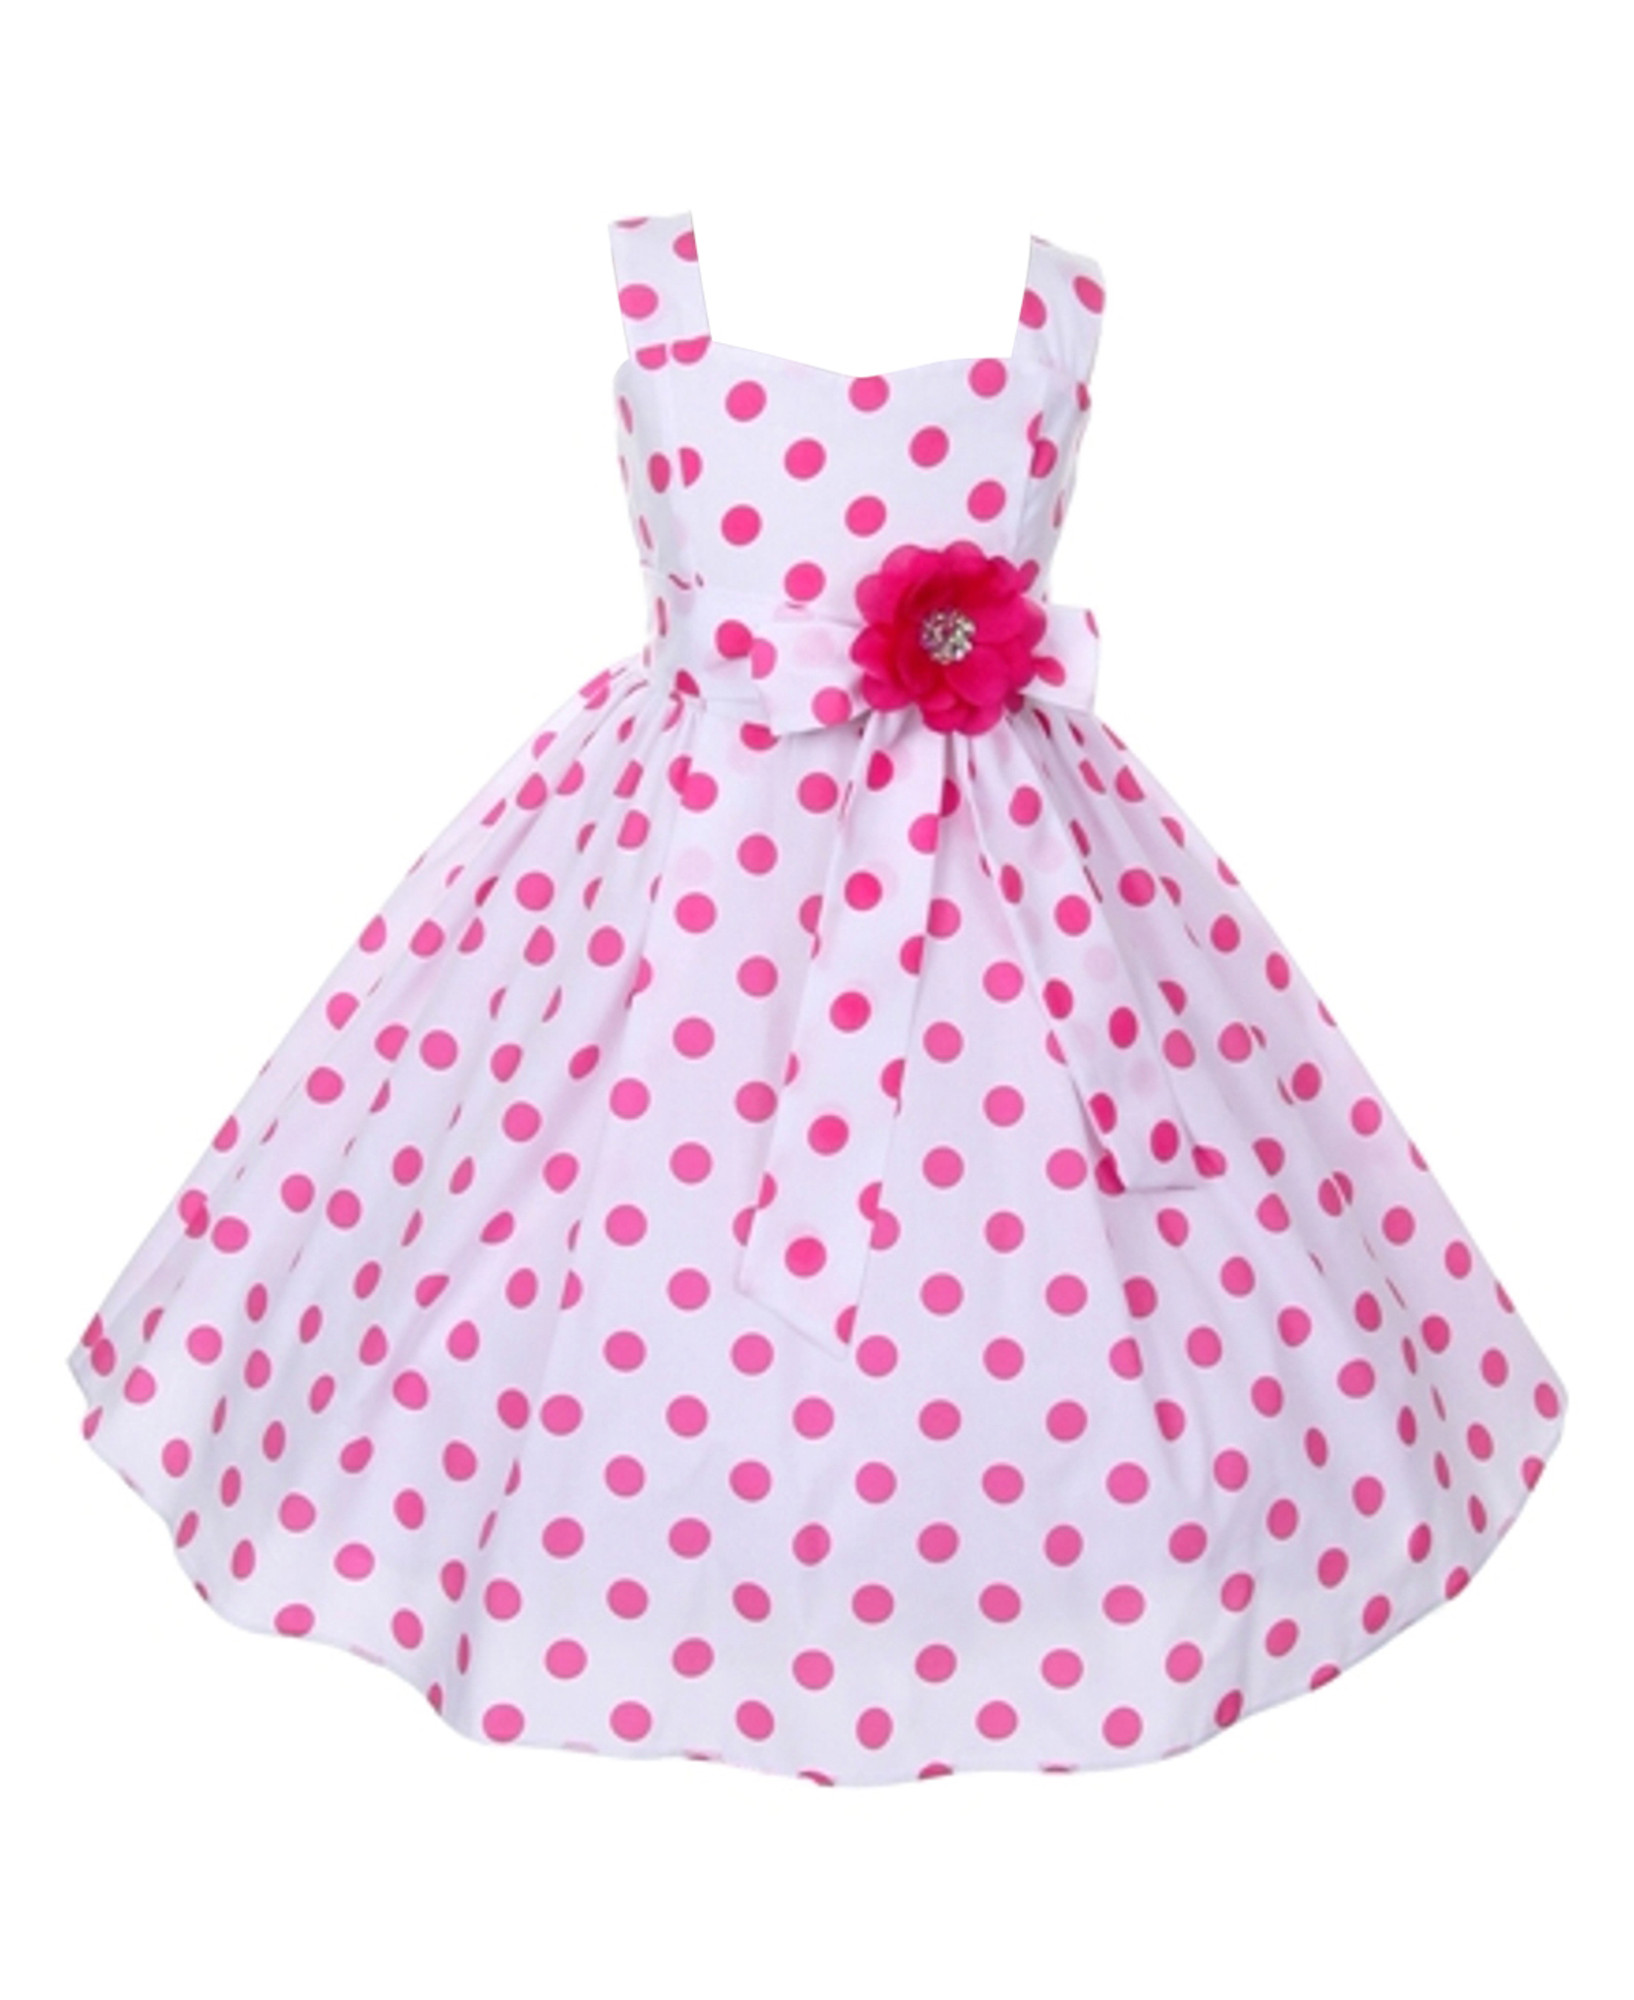 Hübsches Mädchenkleid Emilia Kleid weiß Punkte in pink rosa festlich Baumwollmischung Taufe Hochzeit Schulanfang 001